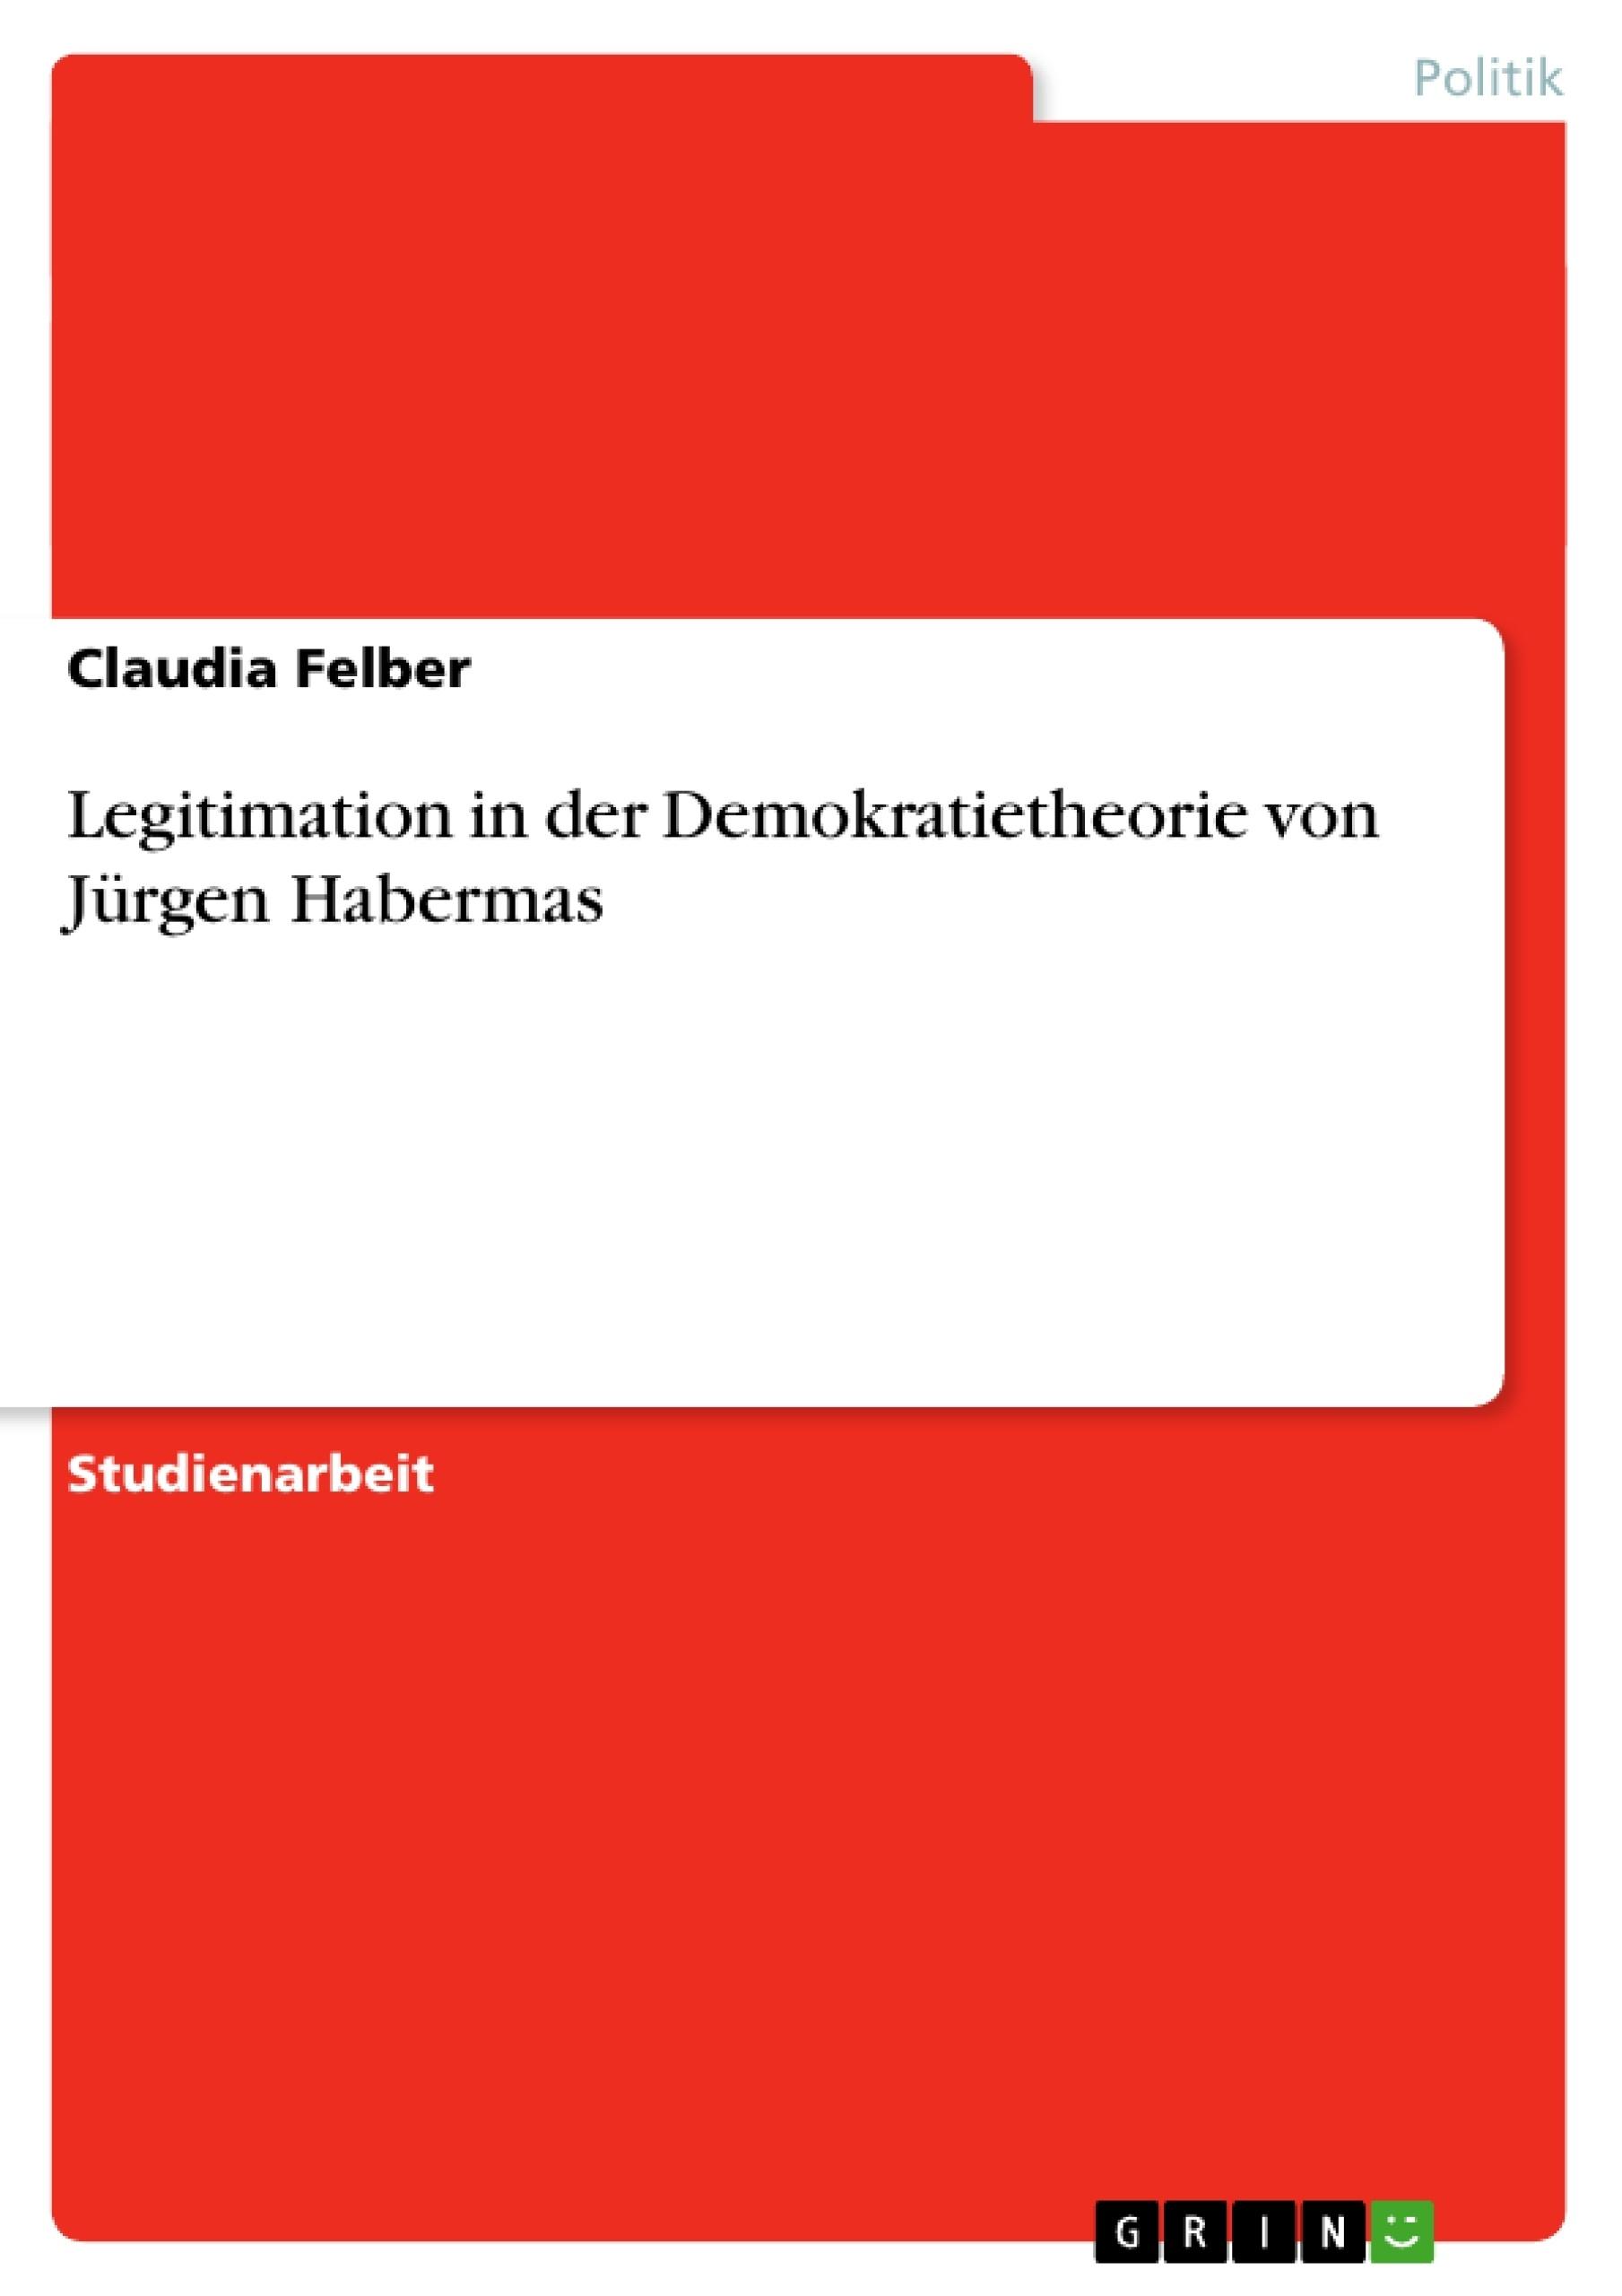 Titel: Legitimation in der Demokratietheorie von Jürgen Habermas